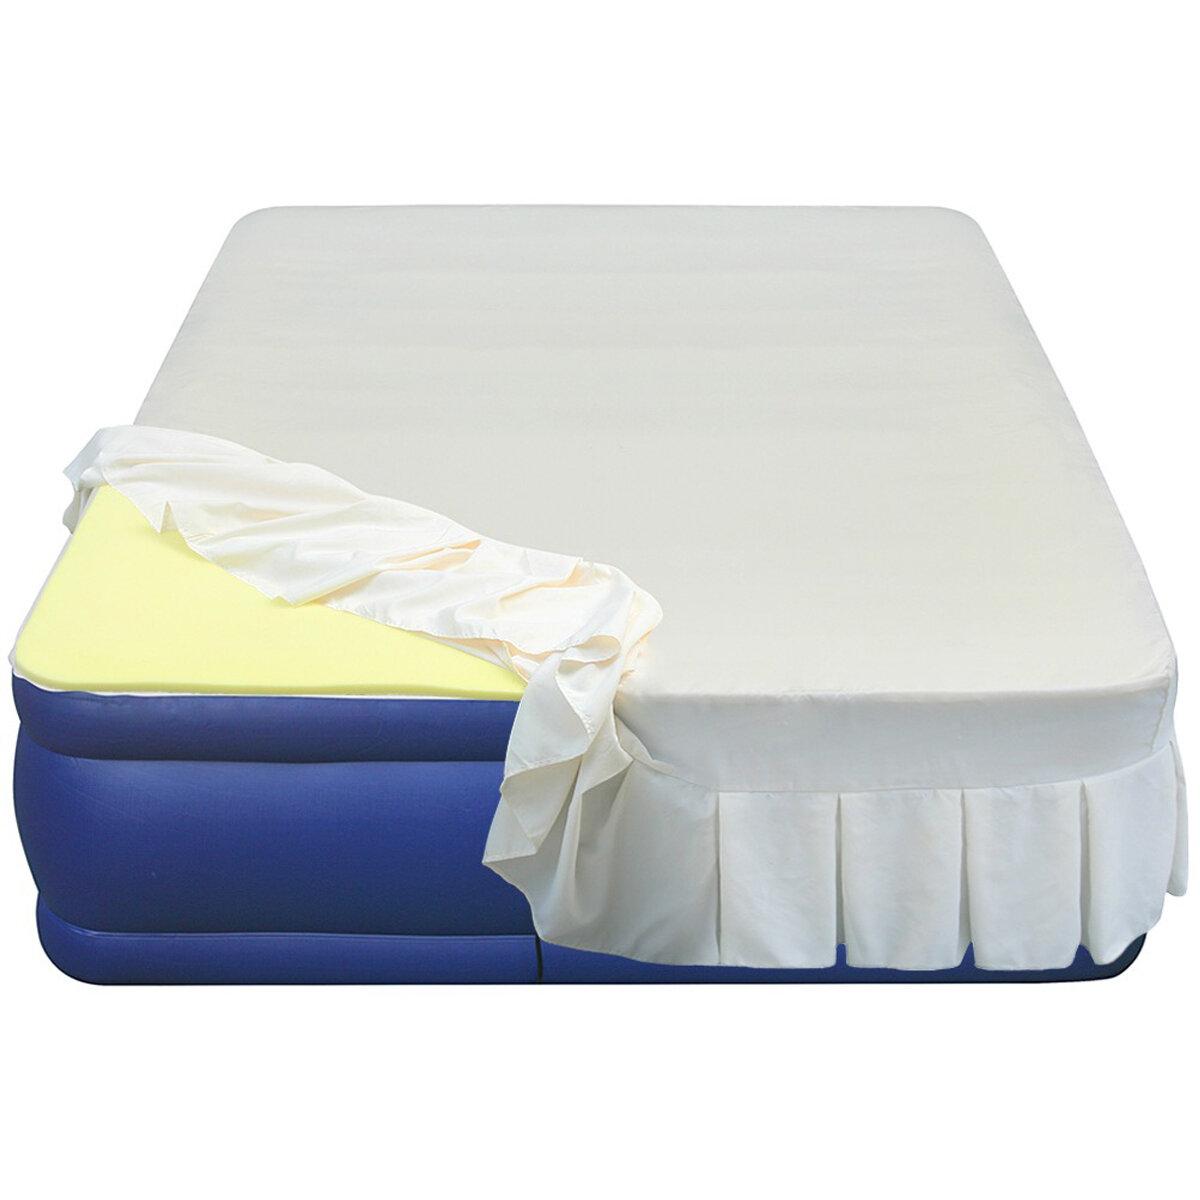 Altimair Essentials Airbed High 3 4 Density Memory Foam Mattress